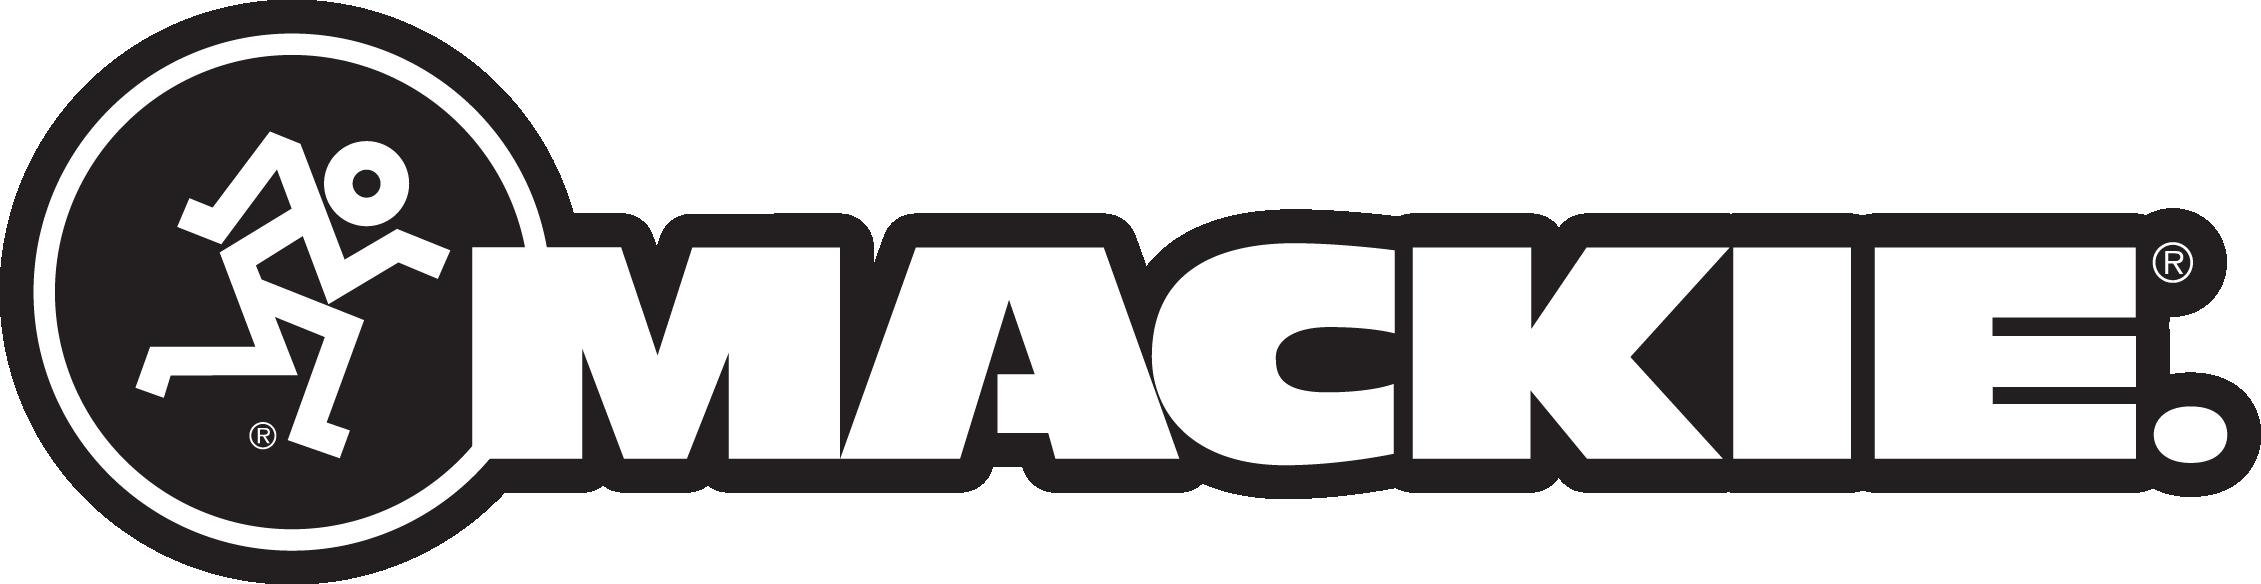 Mackie combo logo black outline